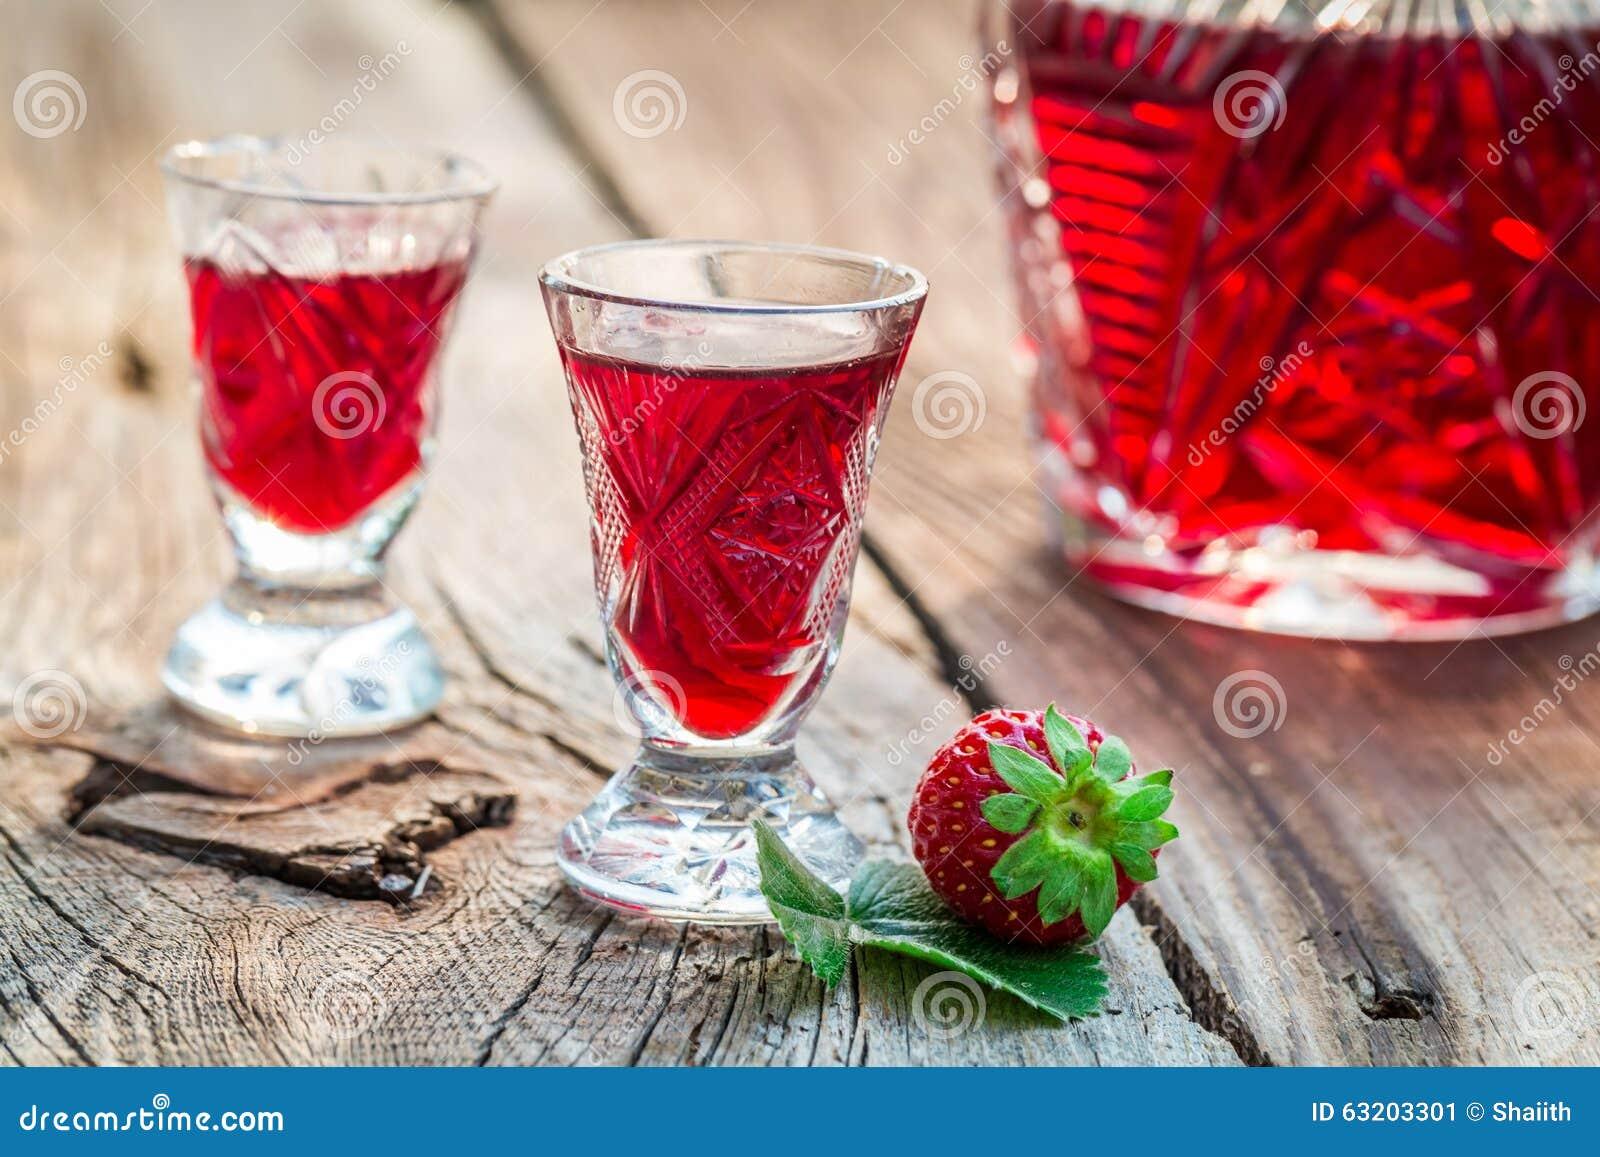 Verse likeur met aardbeien en alcohol